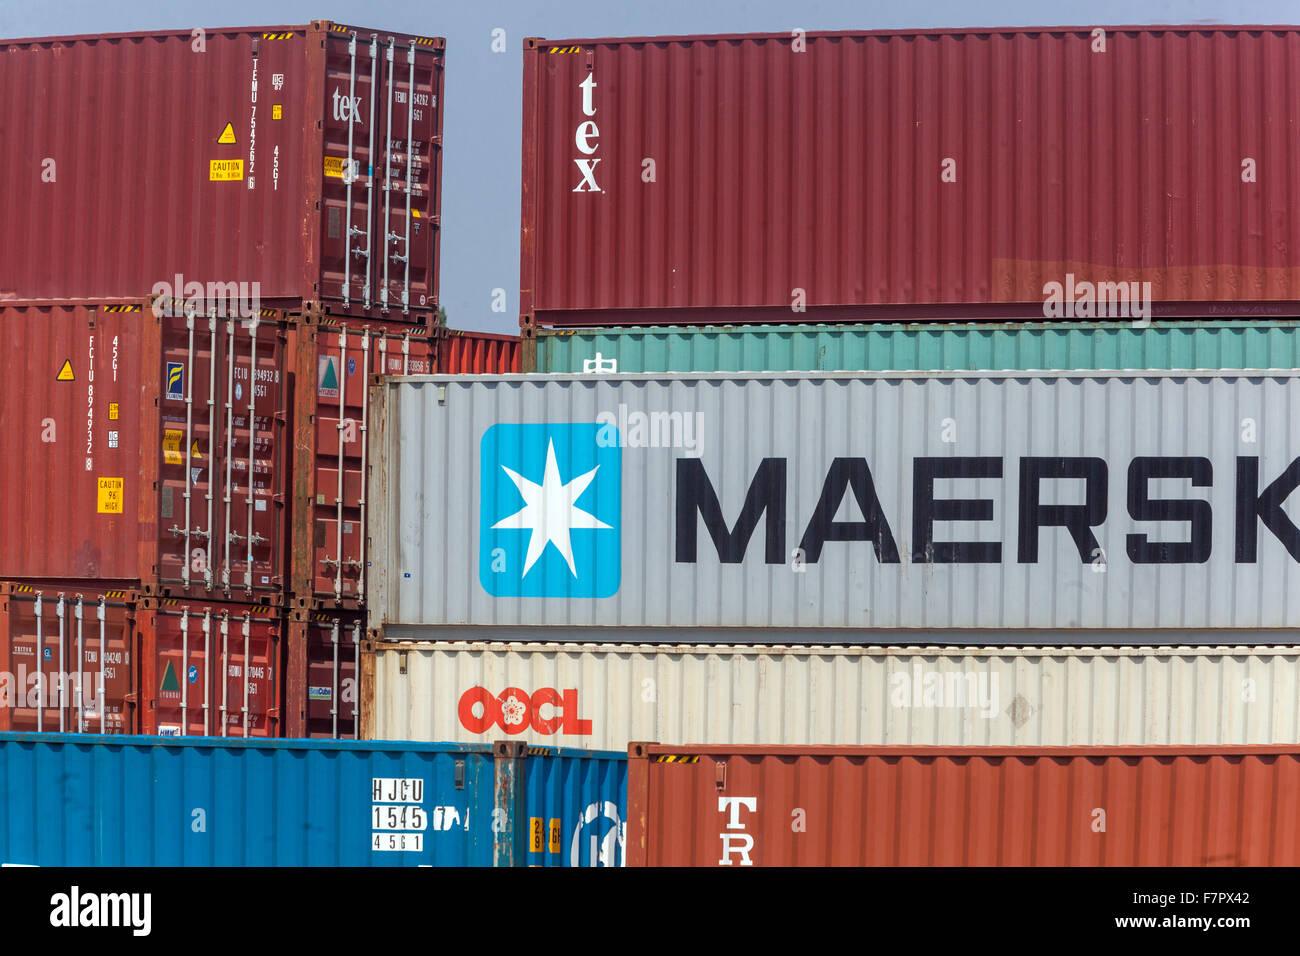 Maersk Container Verschiffen Zeichen Marke Stockbild